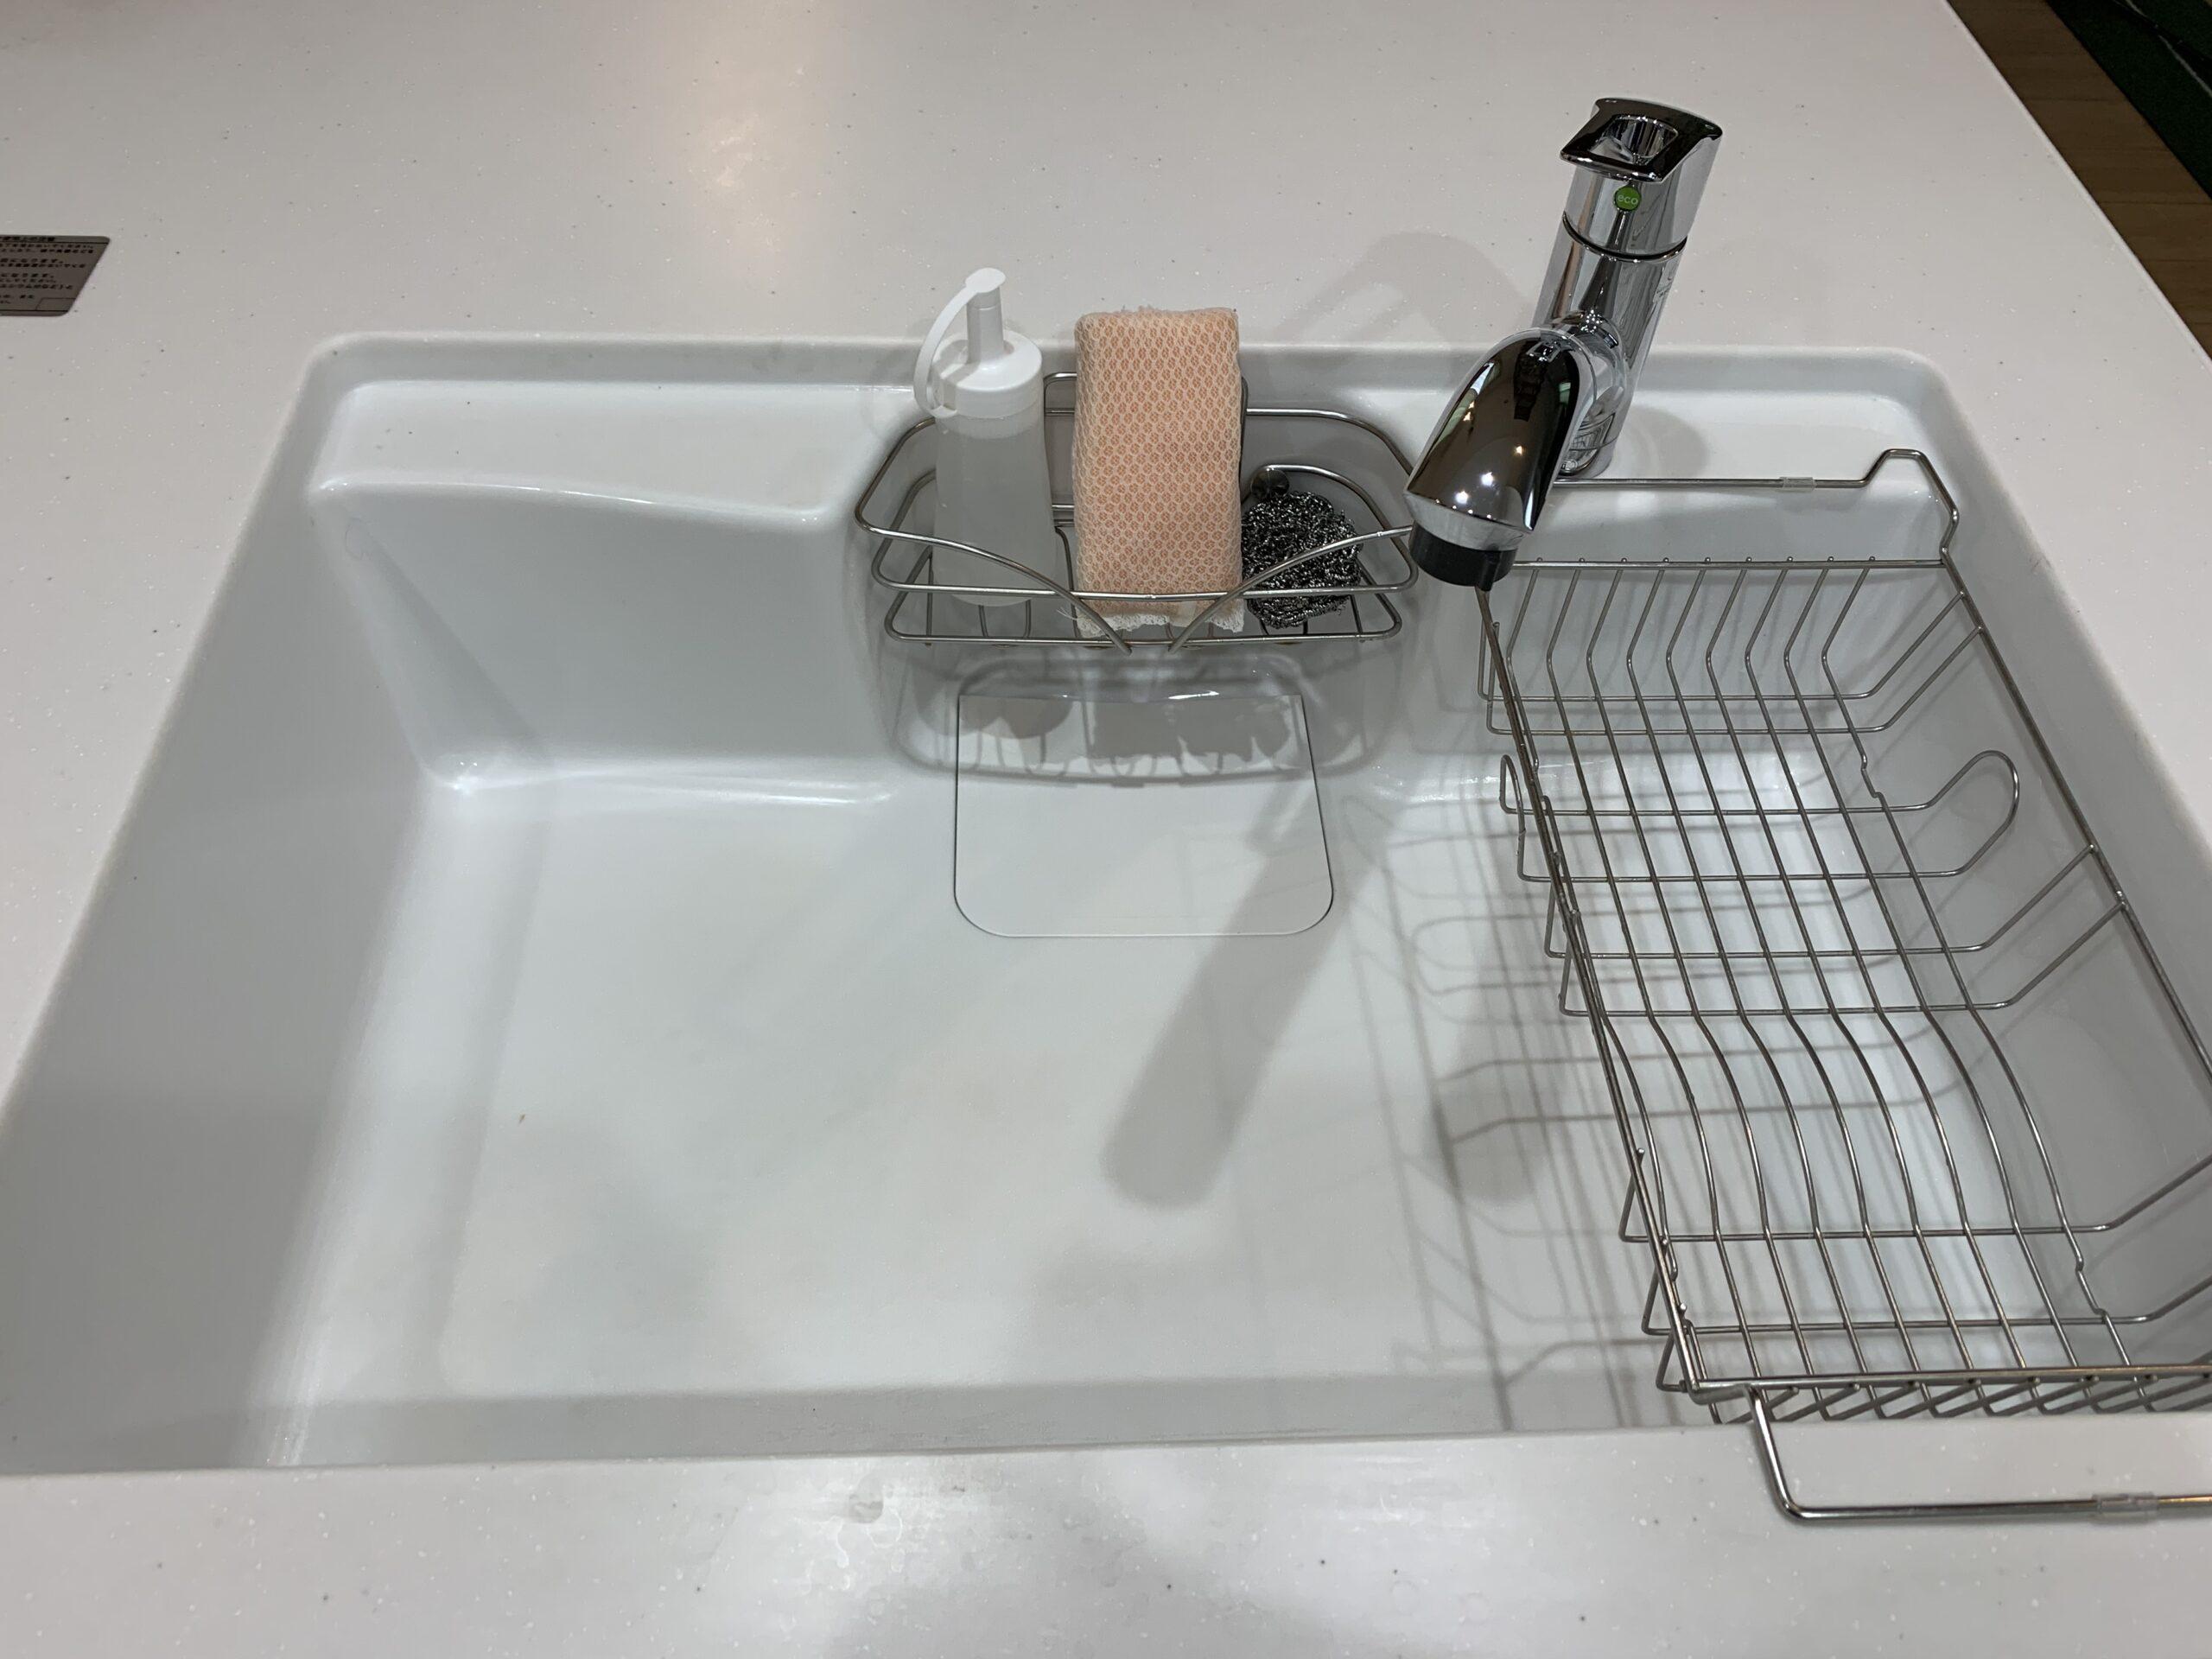 シンク掃除用スポンジは使い捨ての排水口ネットがおすすめ!